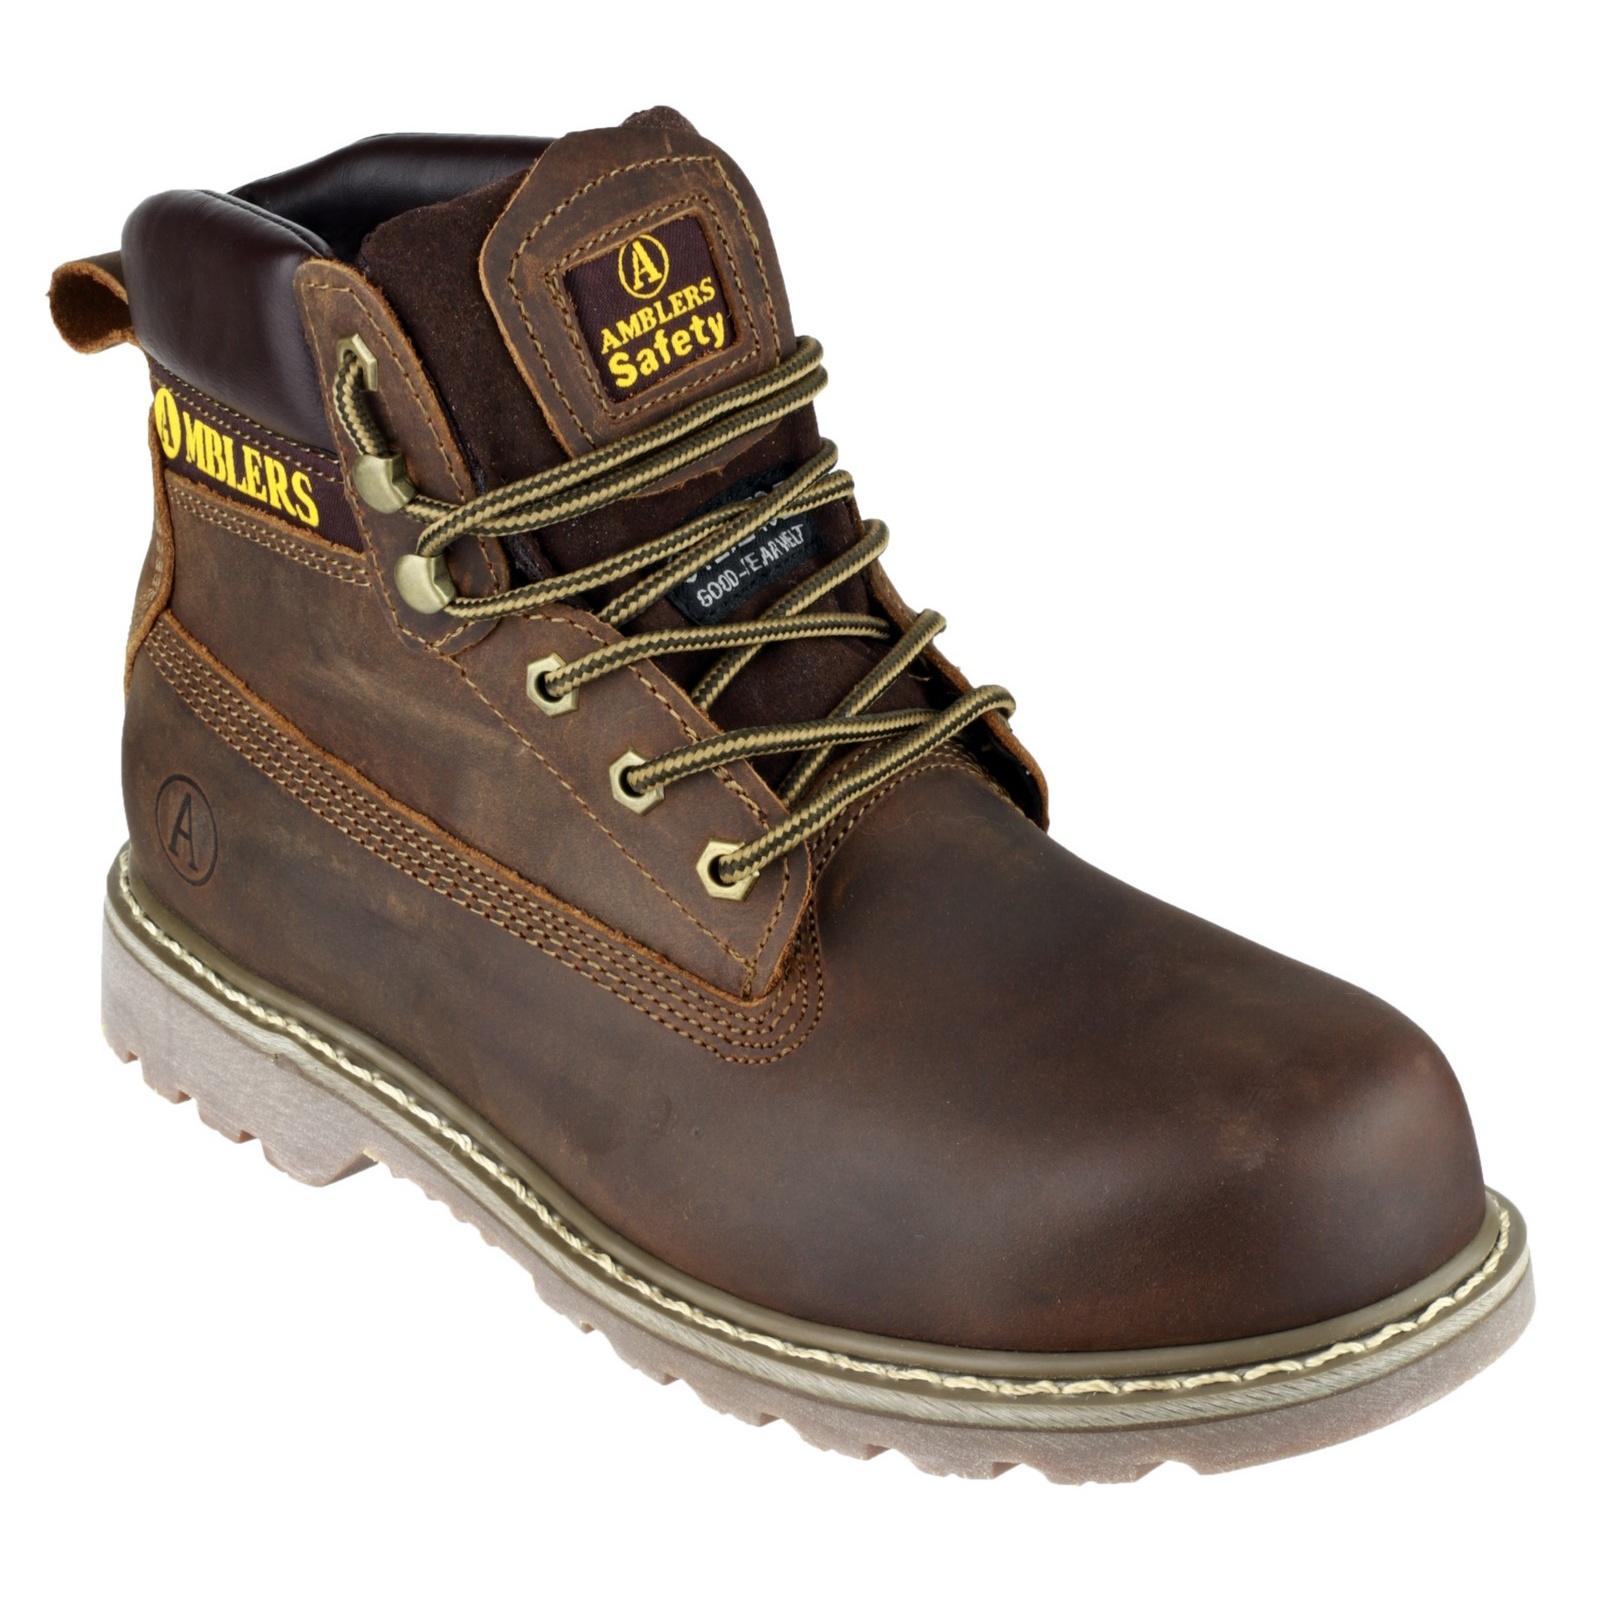 Amblers Fs164 - Chaussures Montantes De Sécurité - Adulte Unisexe (fs2548) Apparence EsthéTique